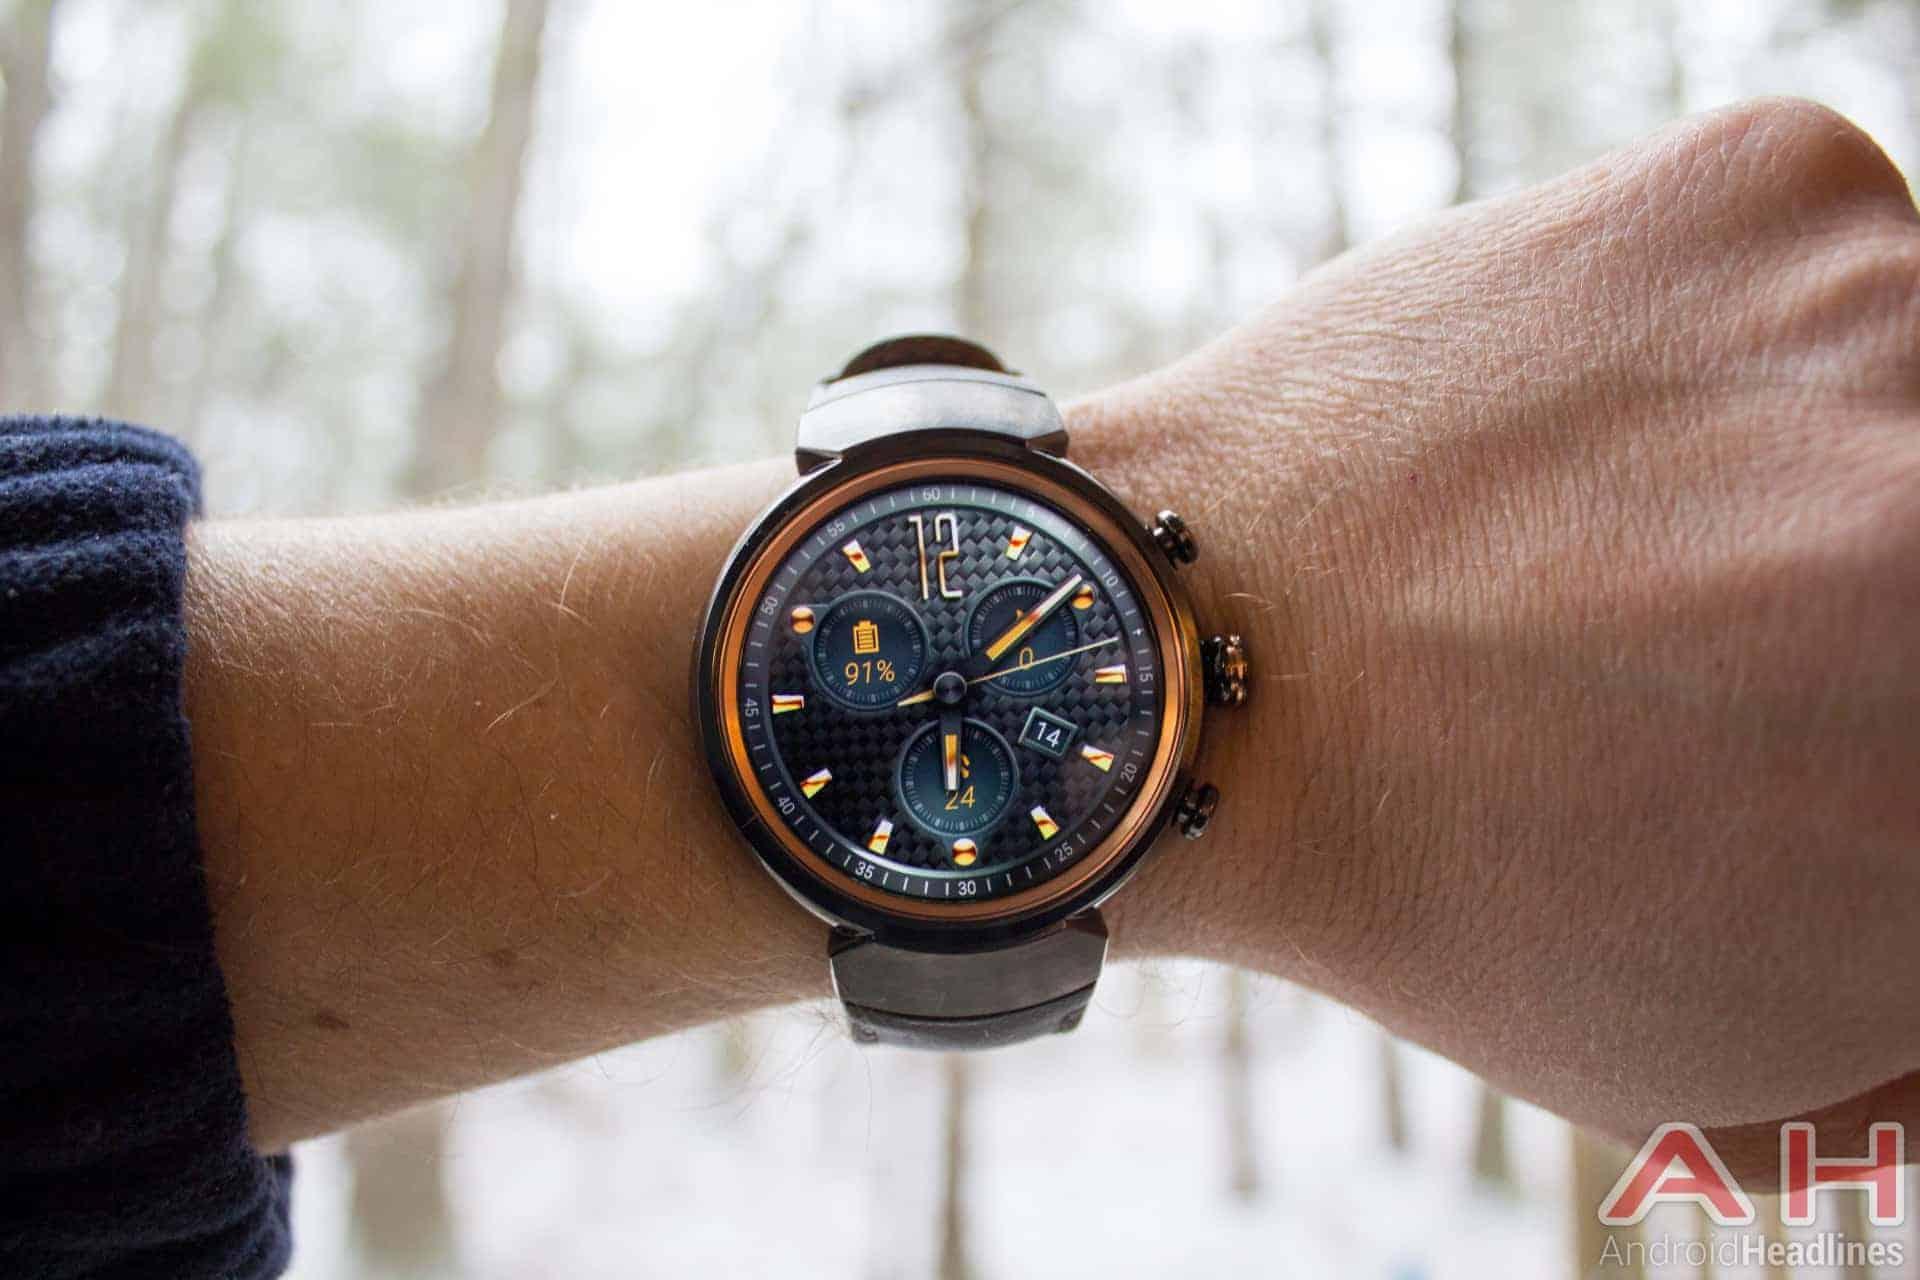 Asus Zenwatch 3 AH NS 08